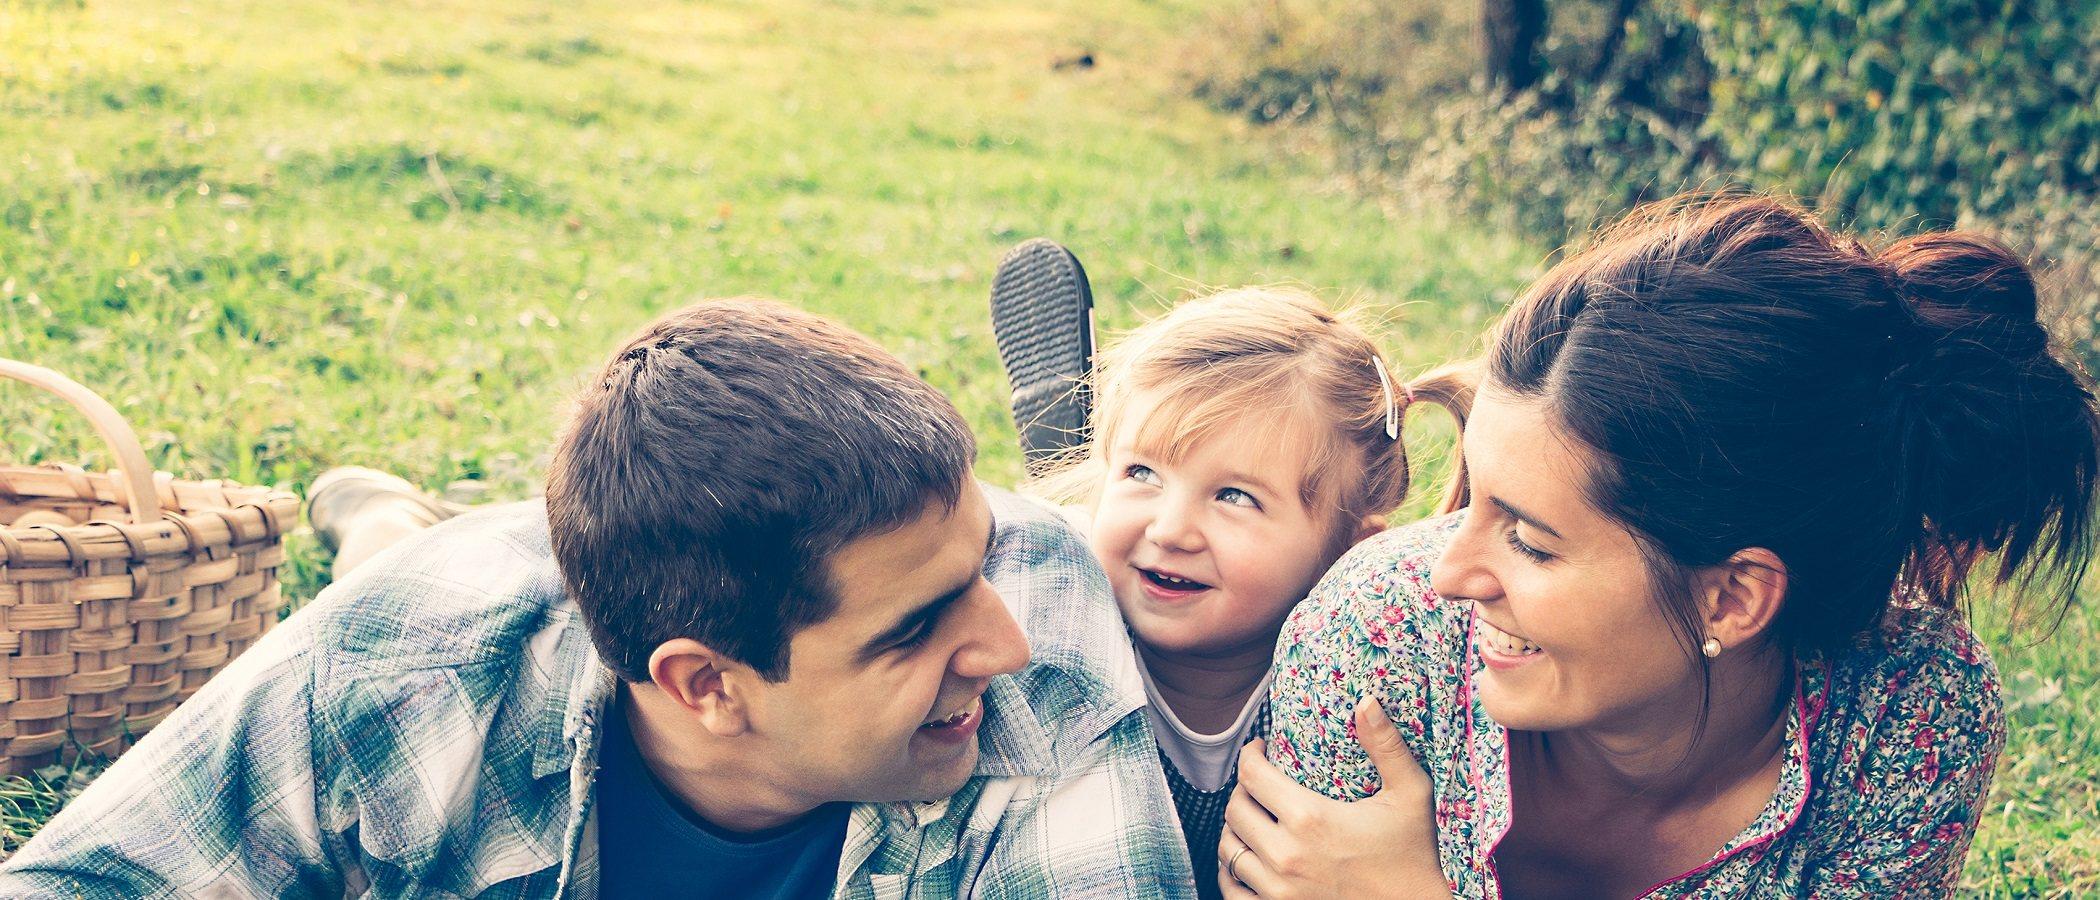 Cómo y cuándo presentar a tu nueva pareja a tus hijos